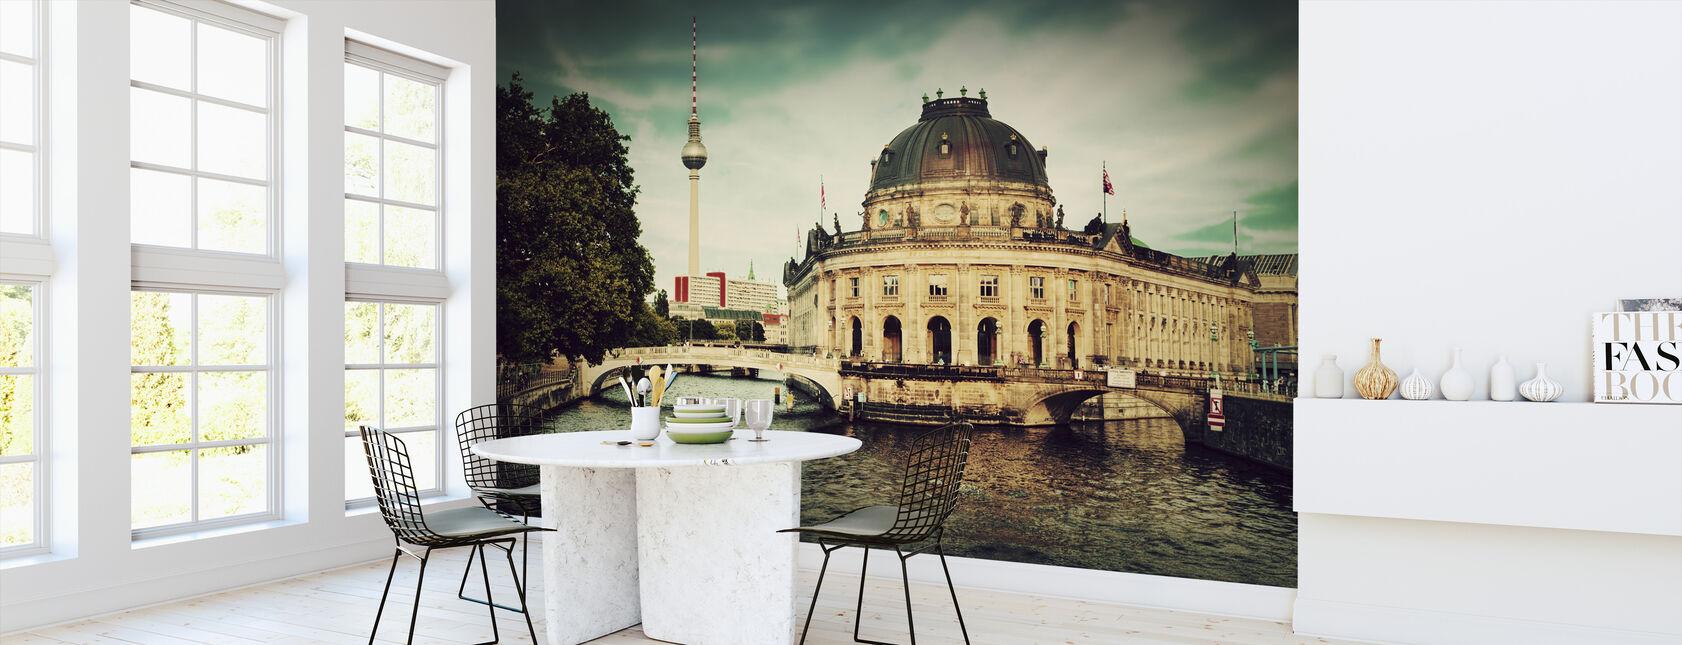 Bode Museum i Berlin - Tapet - Kjøkken